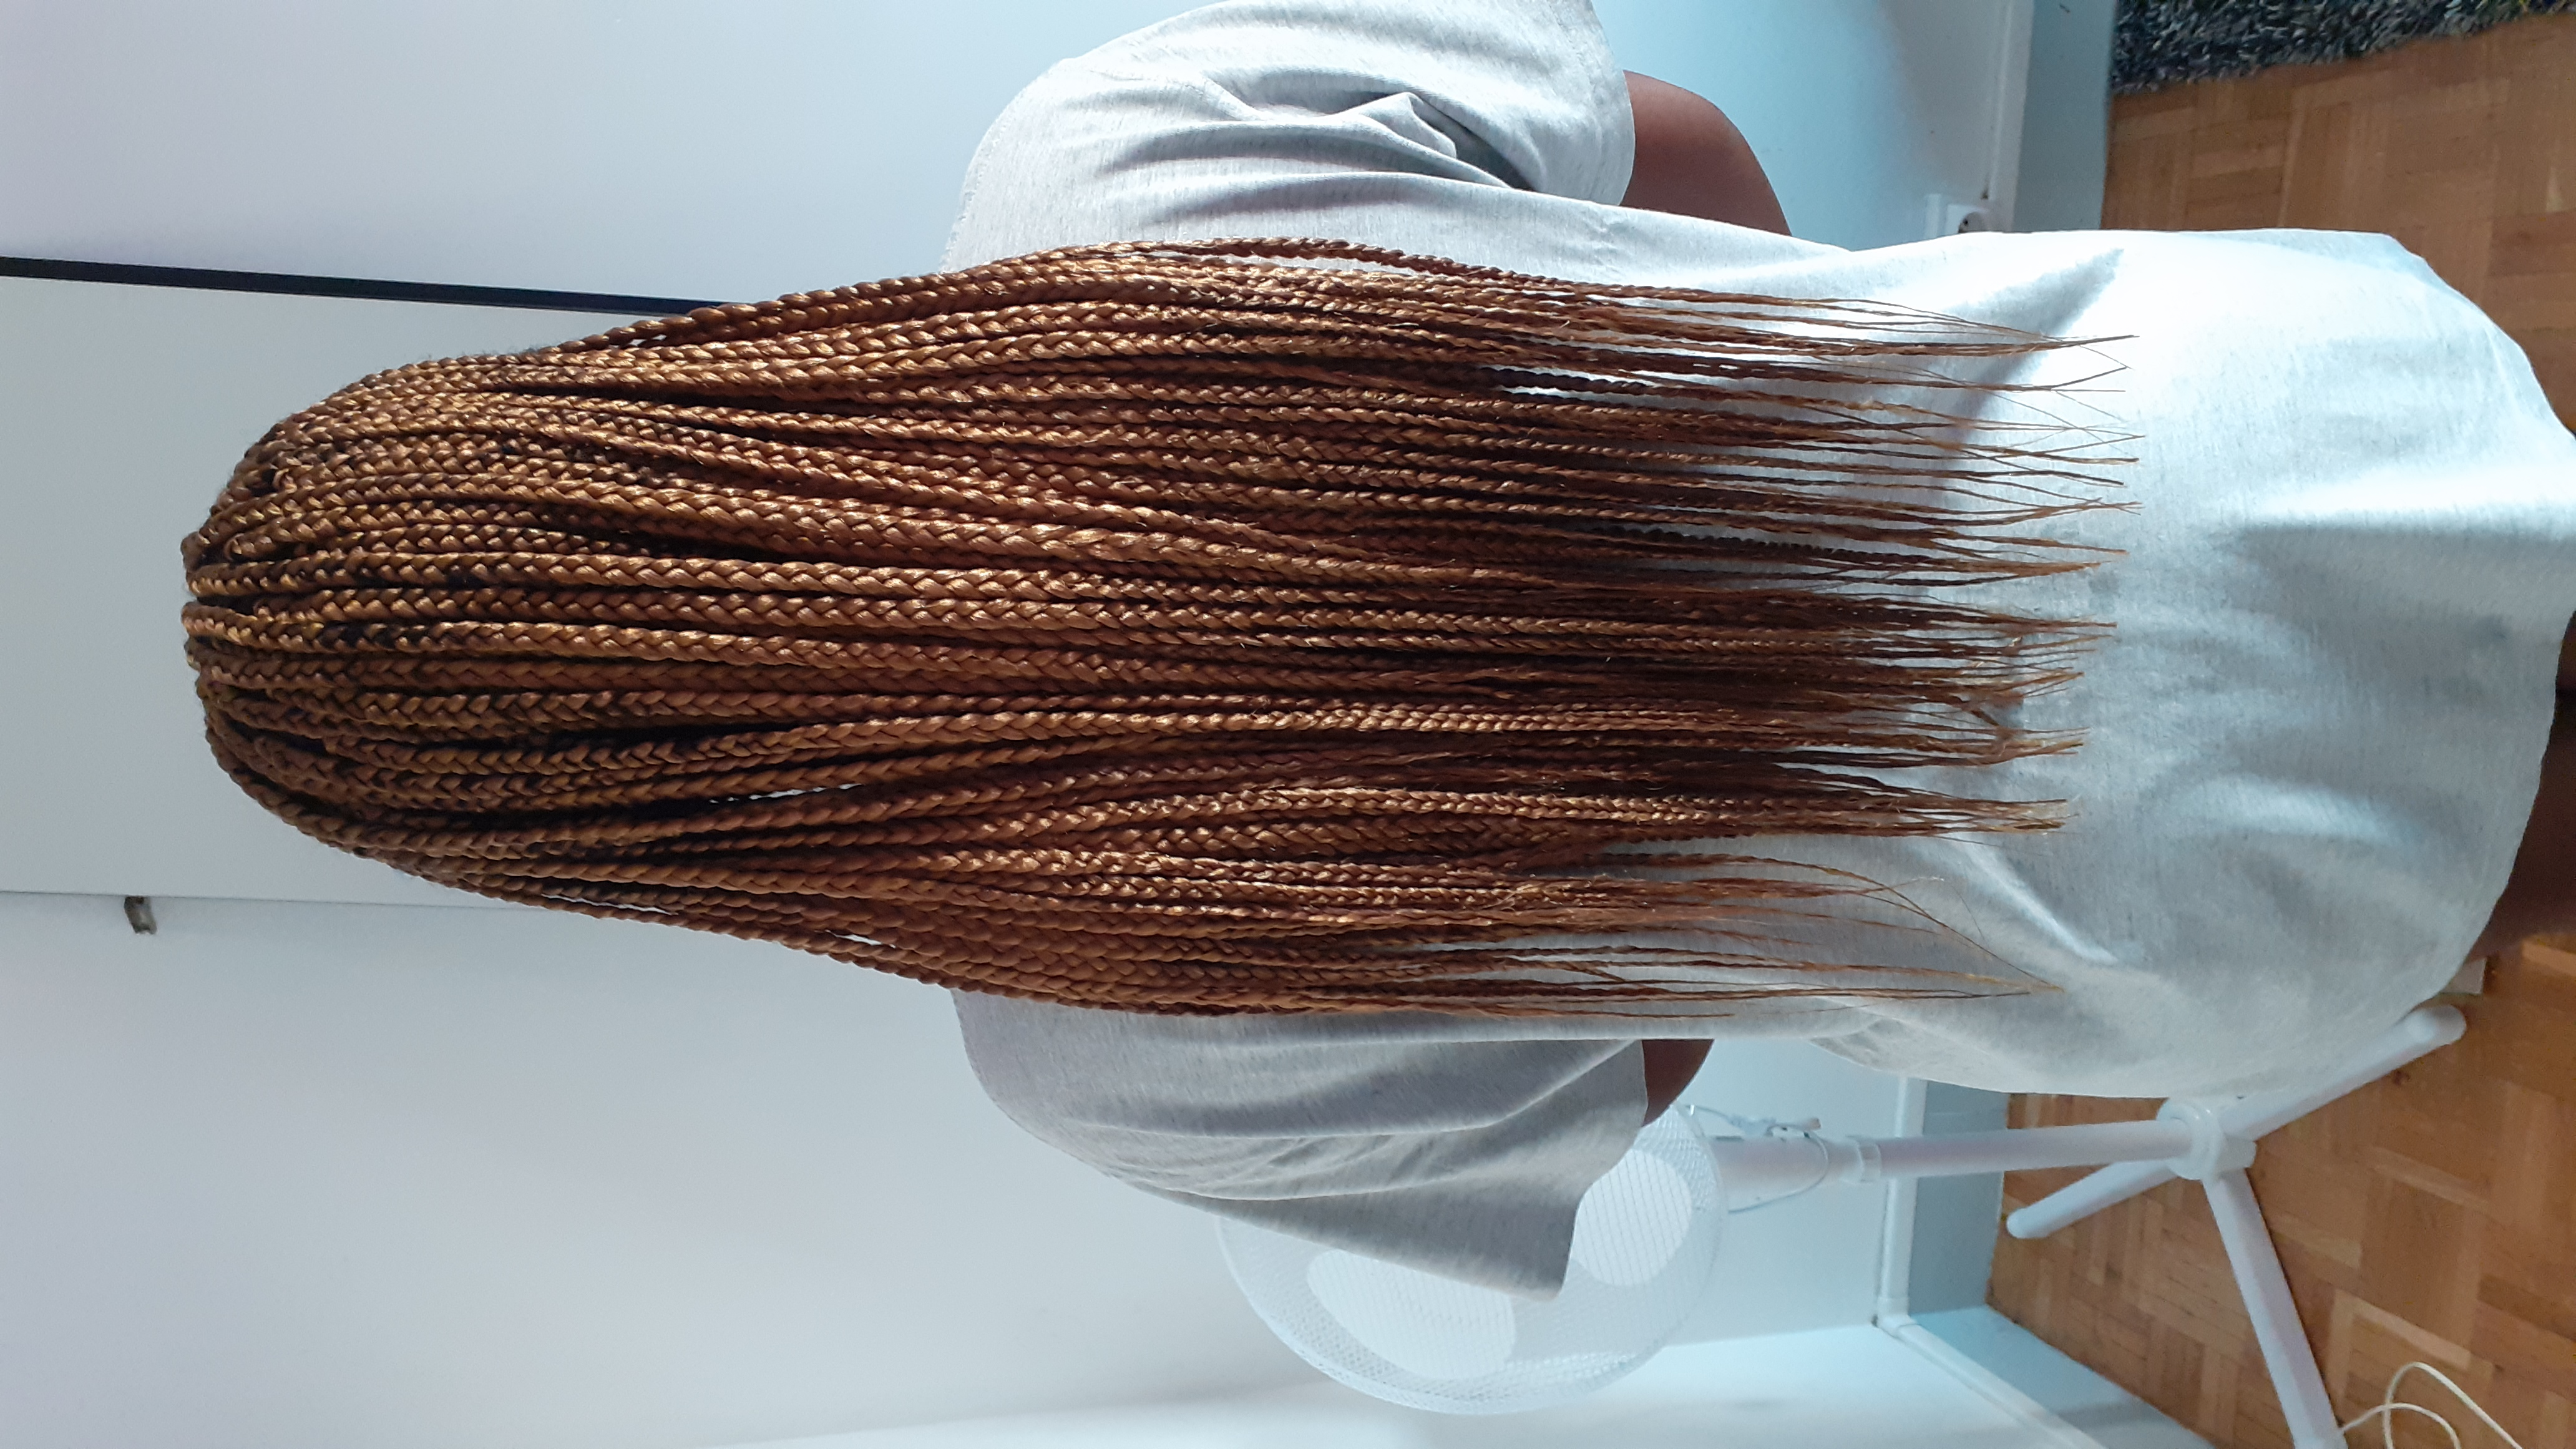 salon de coiffure afro tresse tresses box braids crochet braids vanilles tissages paris 75 77 78 91 92 93 94 95 FGAQDQQW